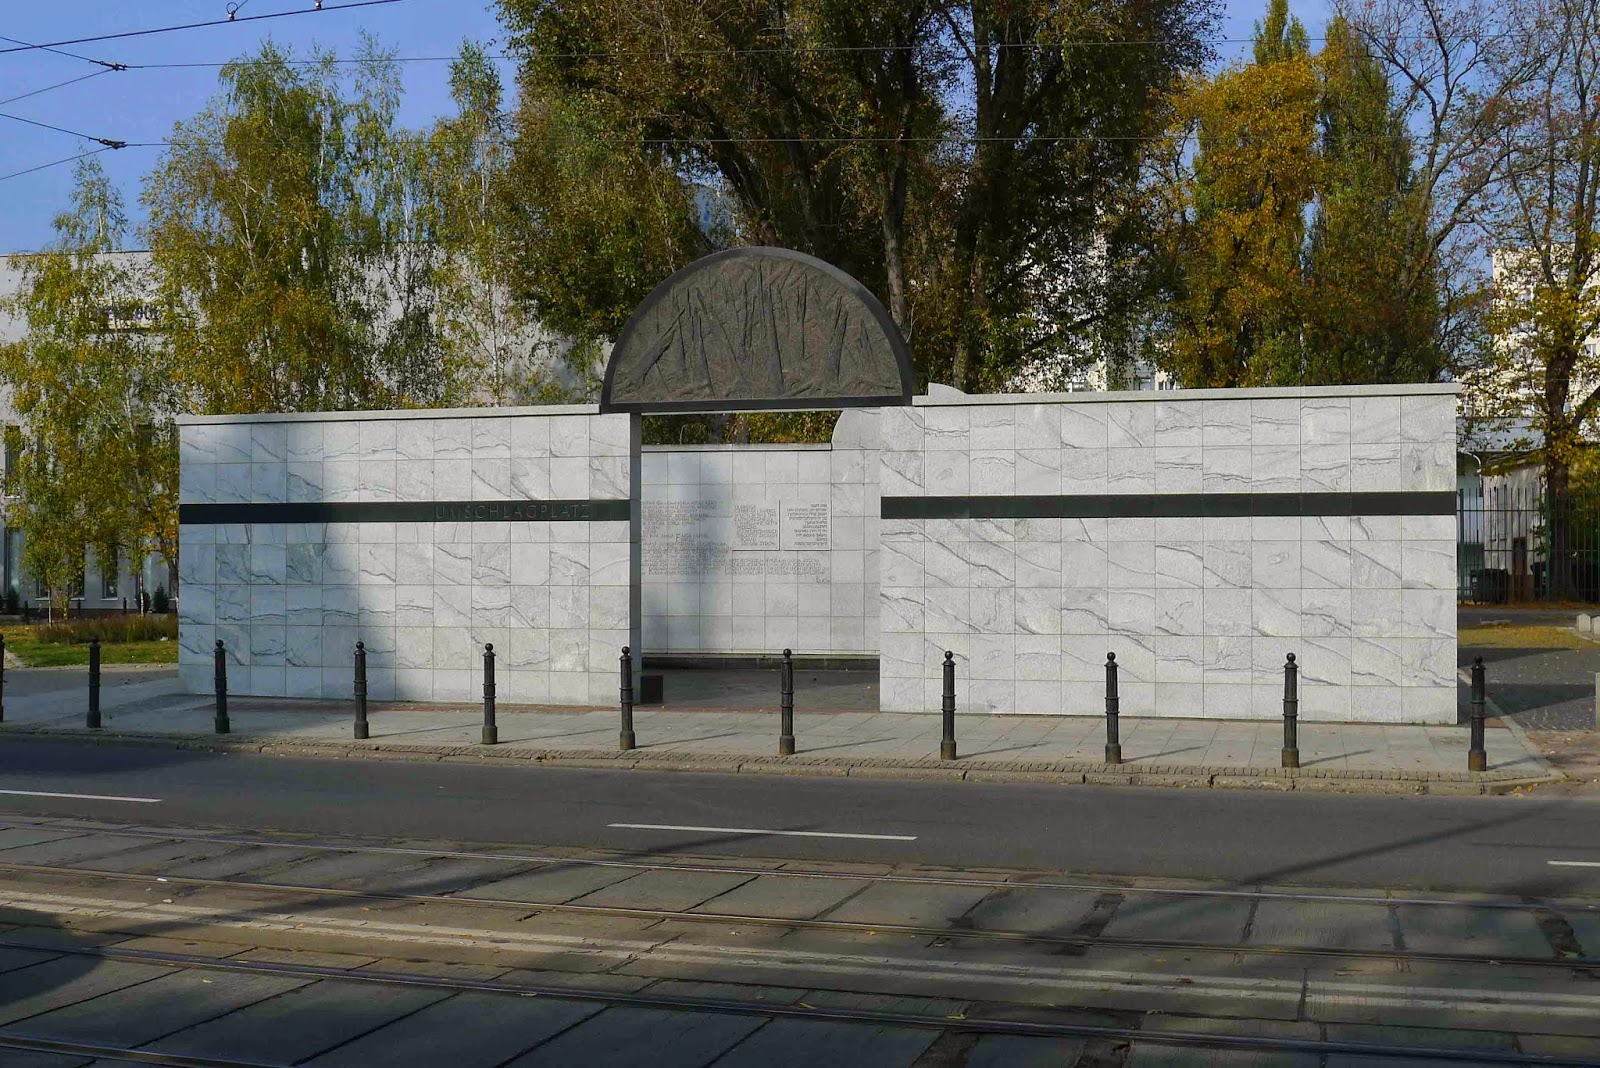 Umschlagplatz Memorial